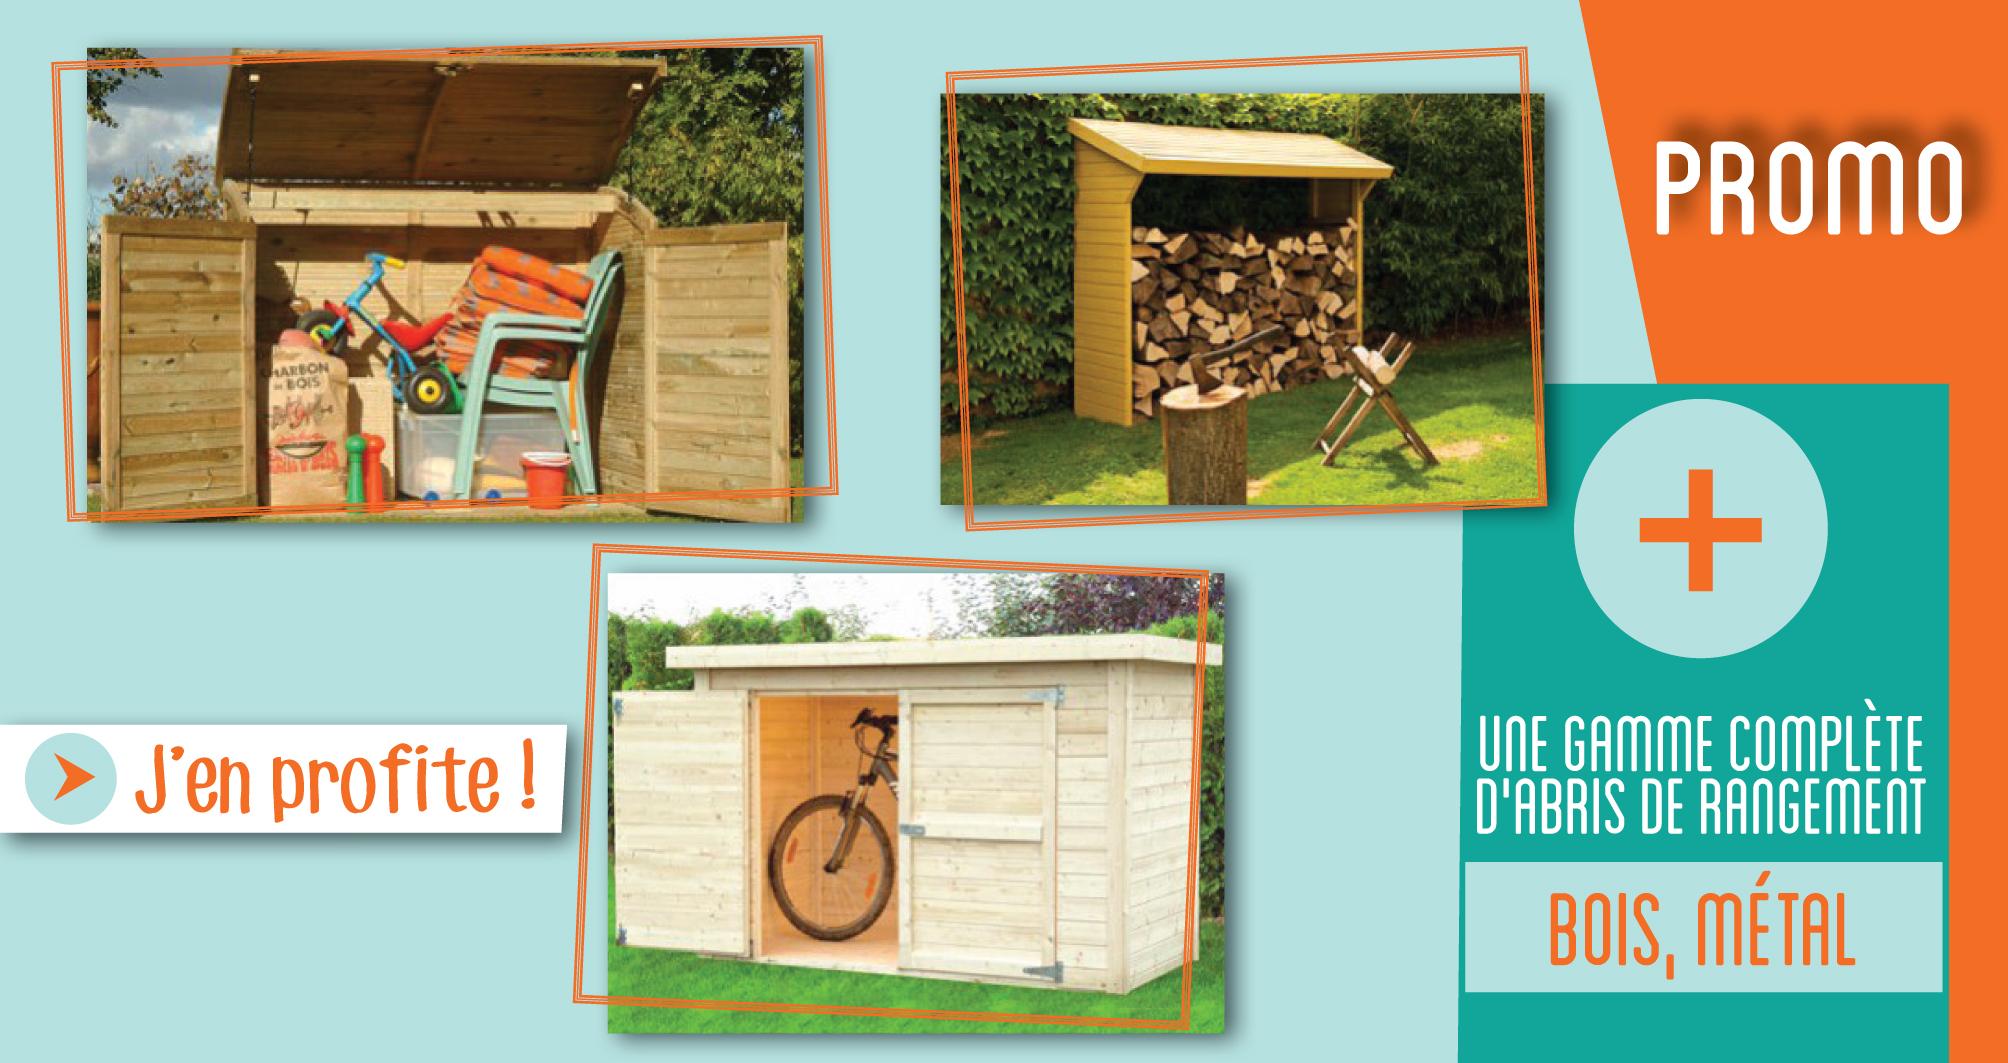 Quand Acheter Son Bois De Chauffage rangement bois de chauffage : abri bois ou metal - france abris